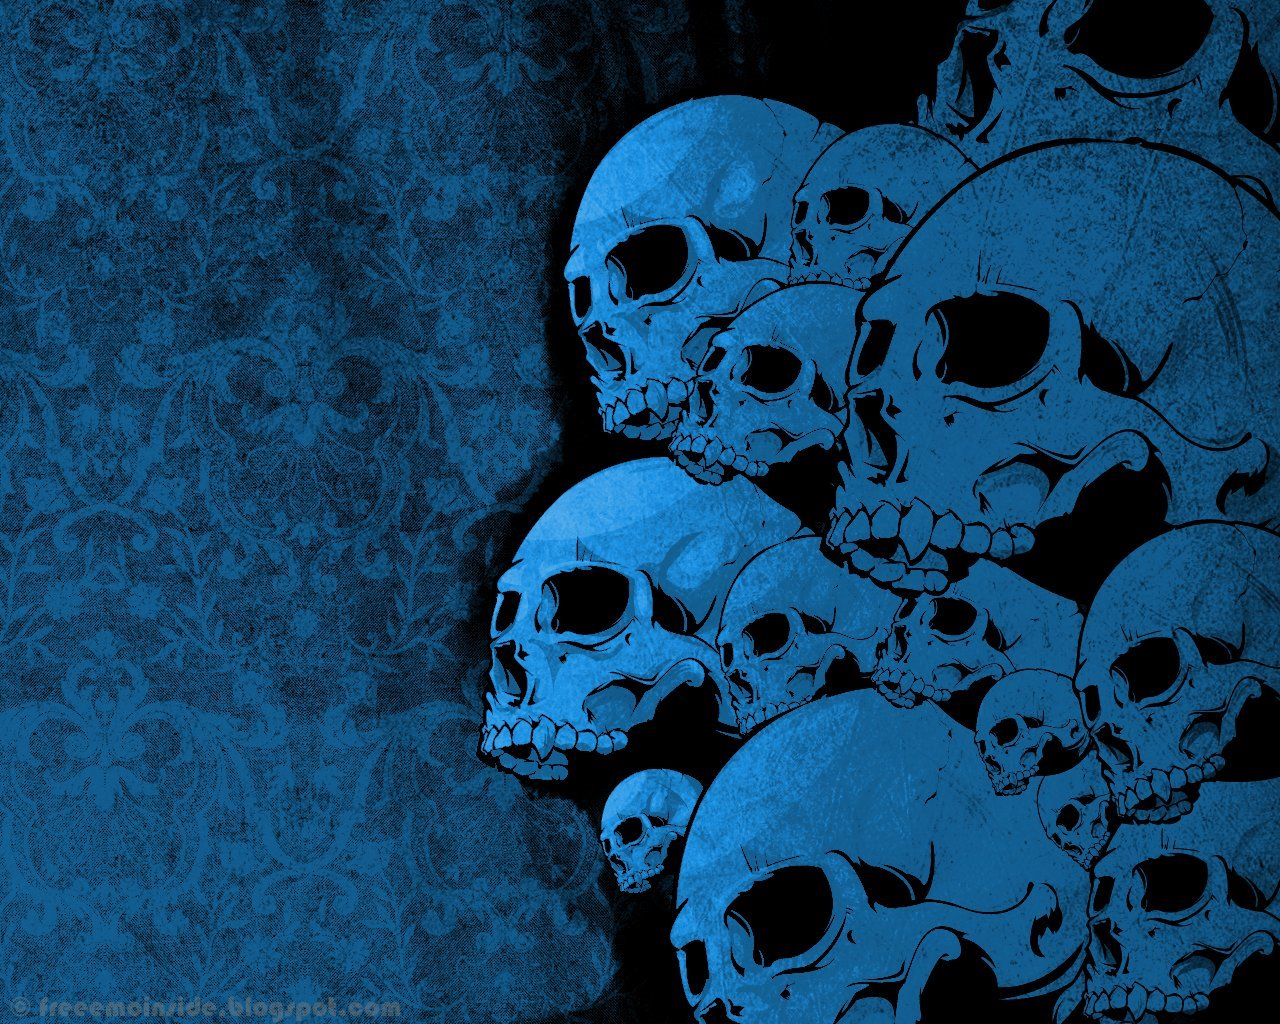 http://2.bp.blogspot.com/-Si3y0NDtj5g/TWDm3buxKNI/AAAAAAAADf4/O1V-jAdUwds/s1600/dark-skull-art.jpg